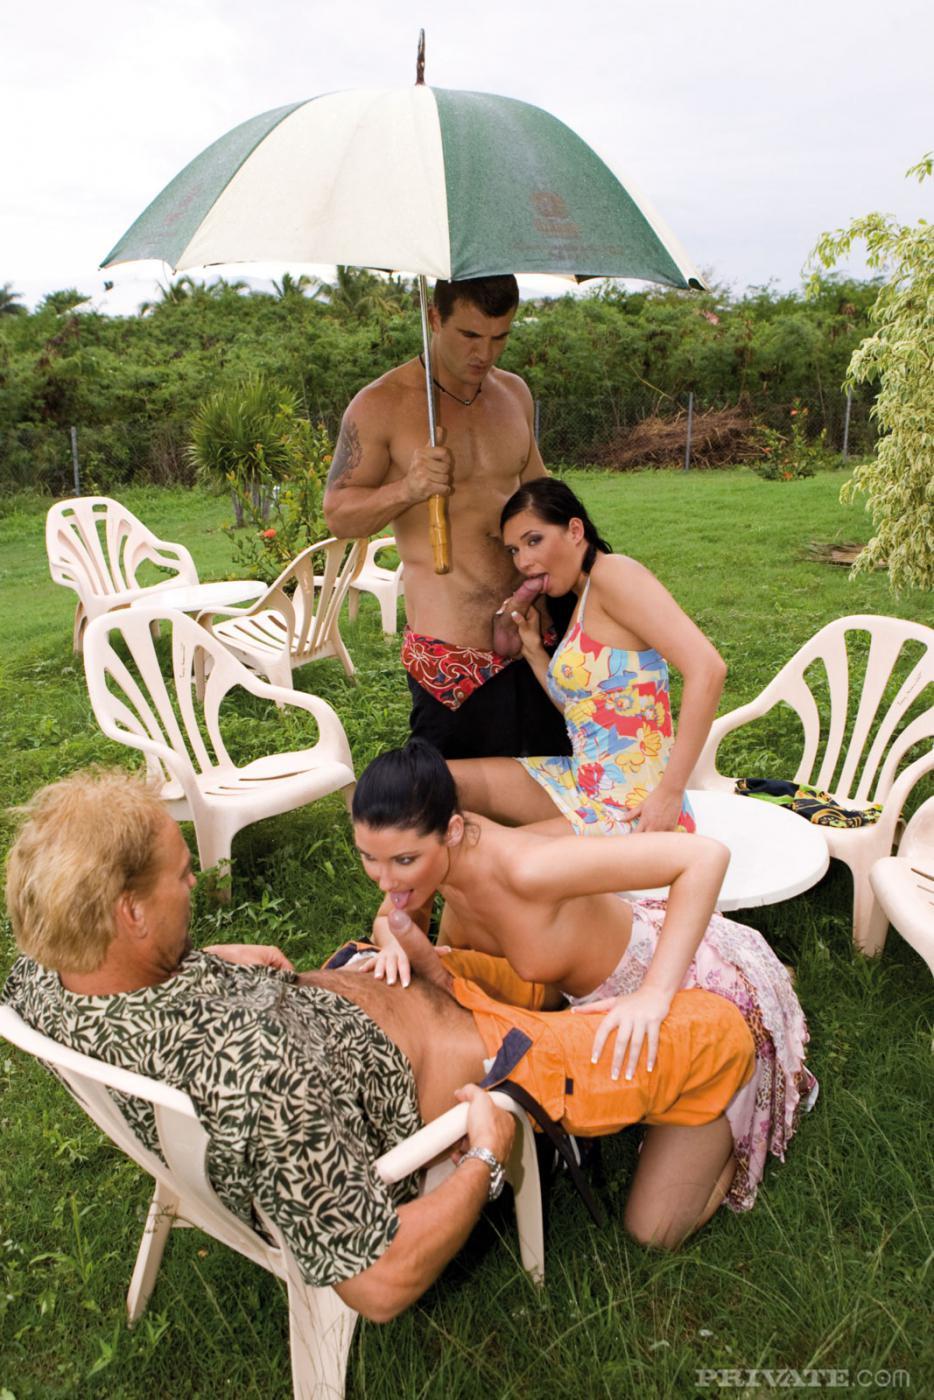 Veronica da Souza с подружкой неплохо проводят время, сося и трахаясь в саду